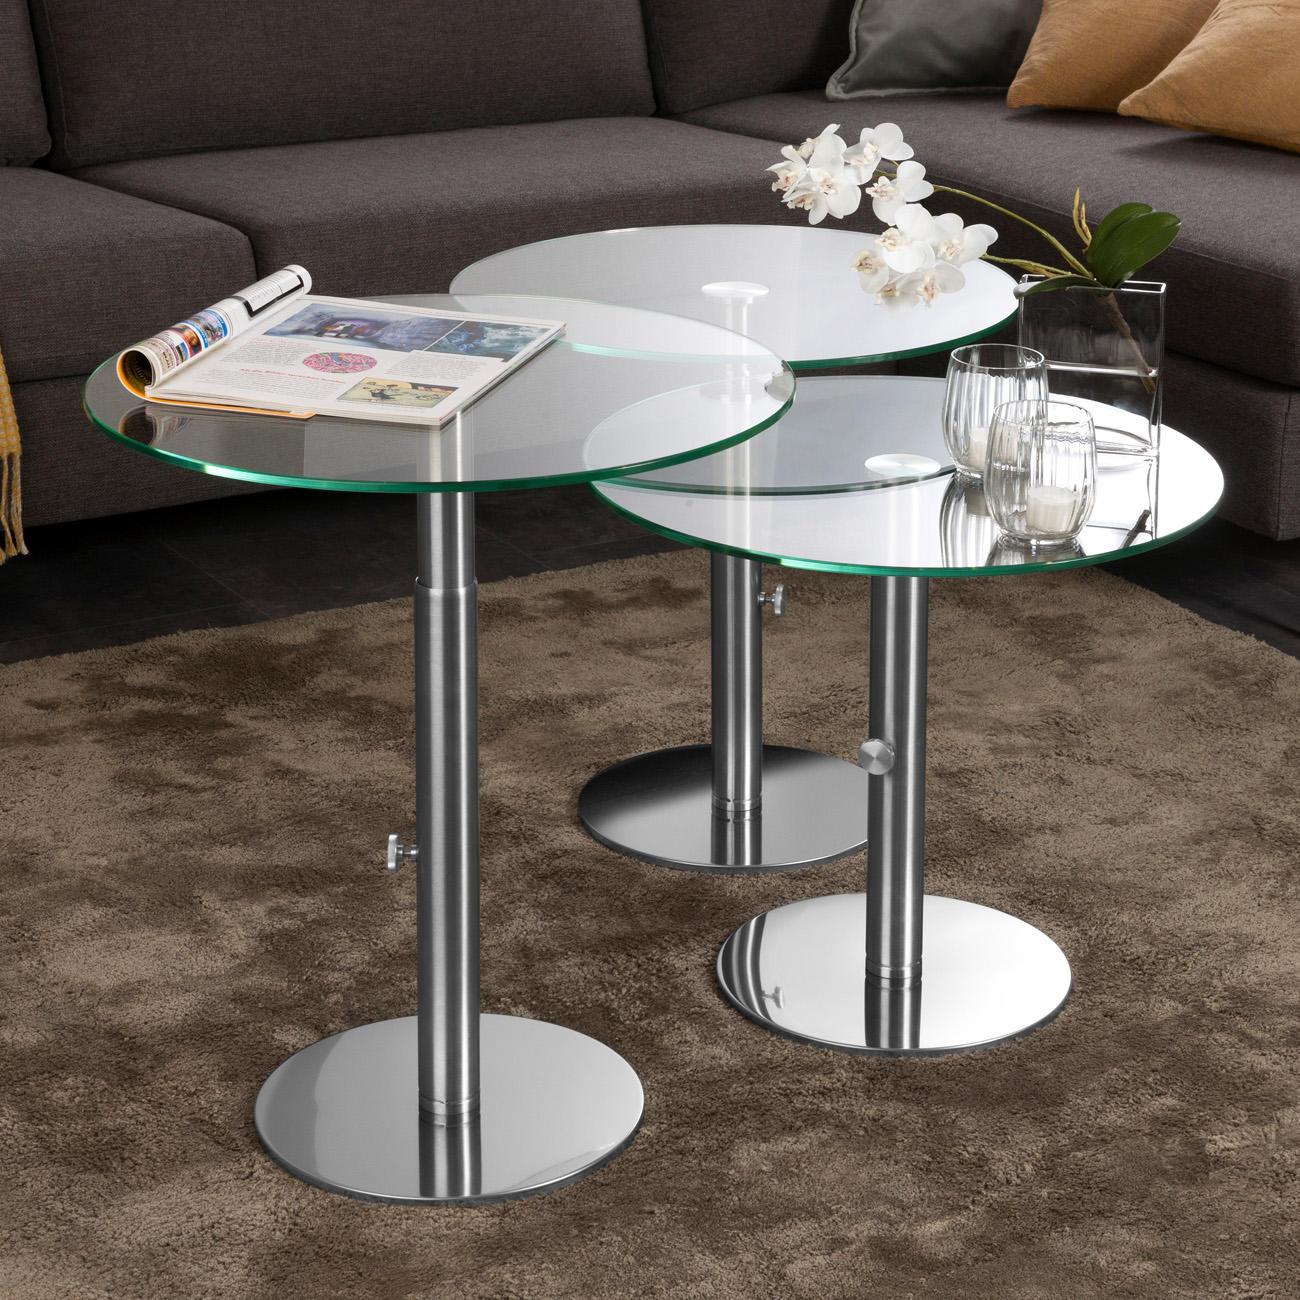 Ebinger glas beistelltisch edelstahl h henverstellbar von 48 5 65 cm for Beistelltisch glas edelstahl